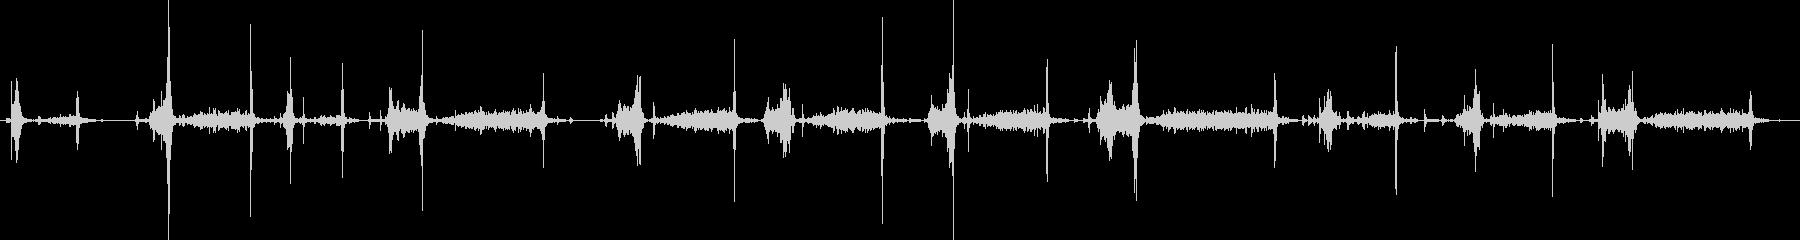 1952アンティークロータリー電話...の未再生の波形